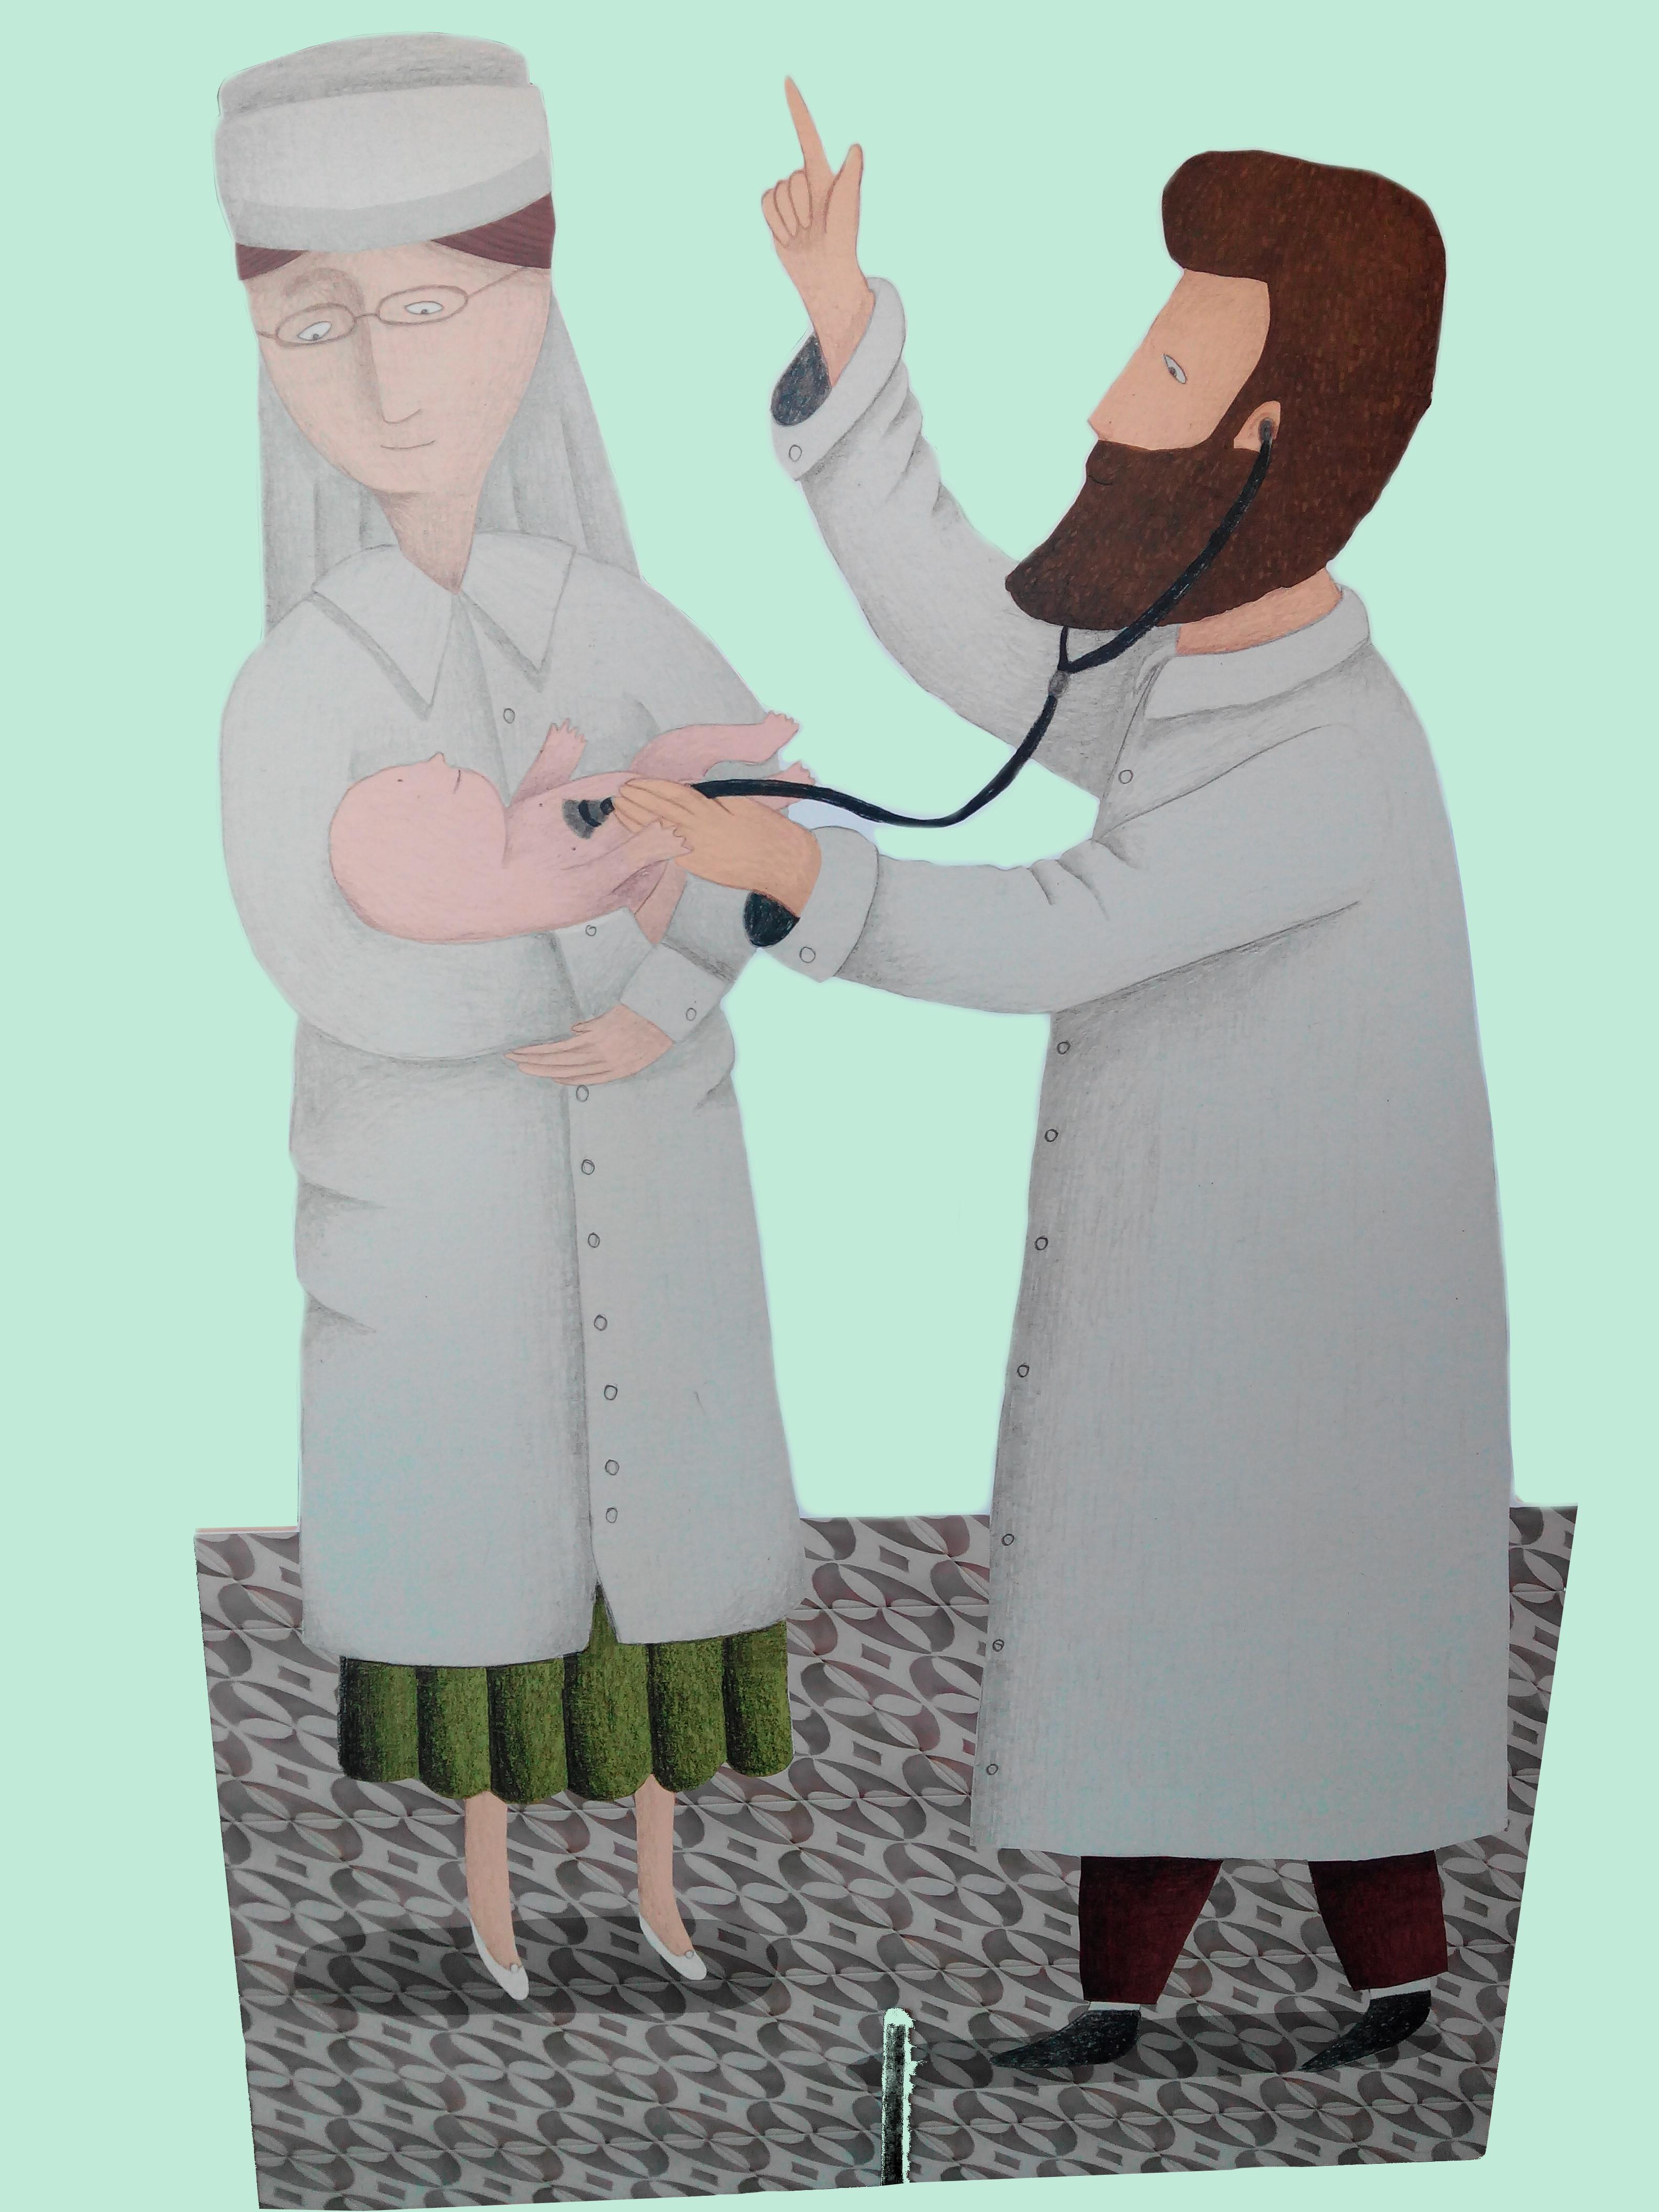 Fem salut amb el Dr. Frias